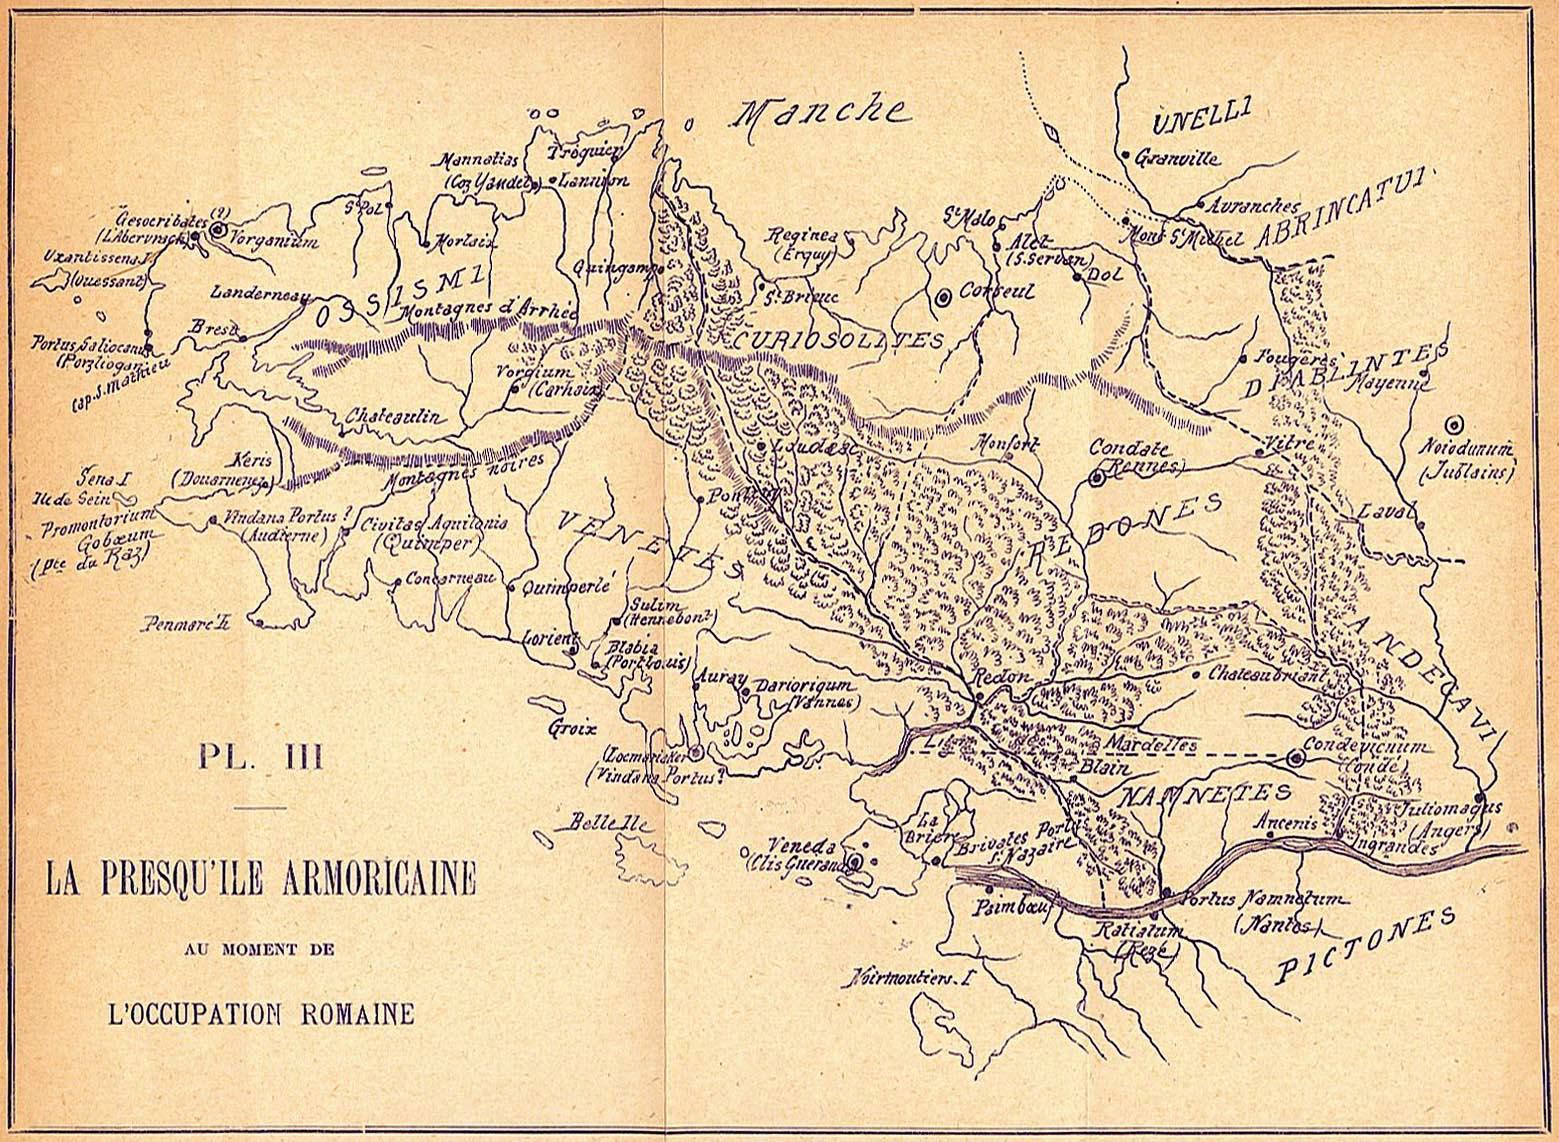 Voies romaines en Bretagne armoricaine - Page 2 Kerviler-bretagne-planche3